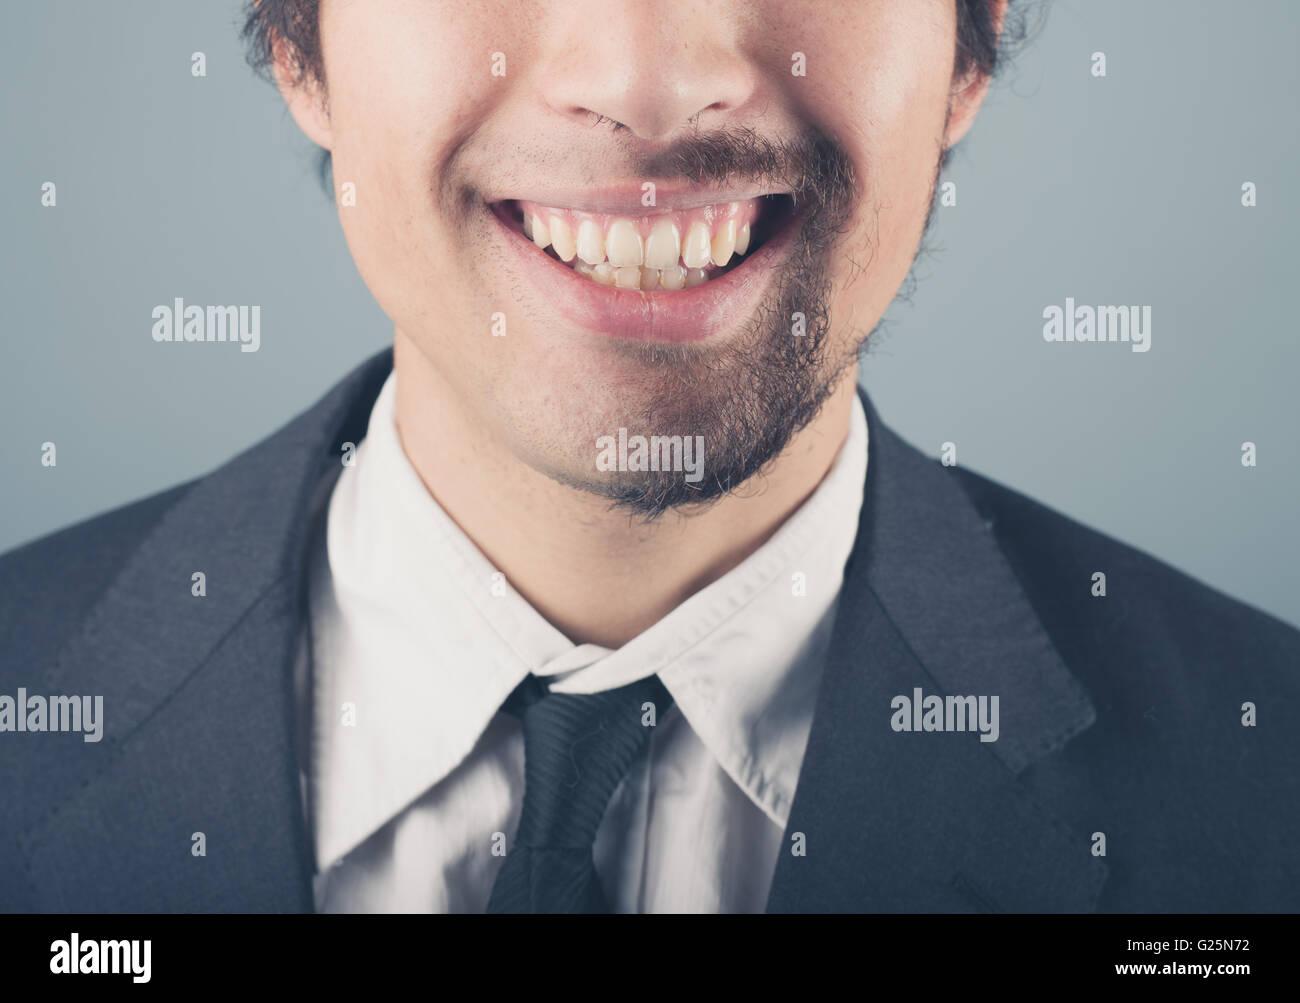 Un giovane imprenditore con una metà della barba rasata Immagini Stock